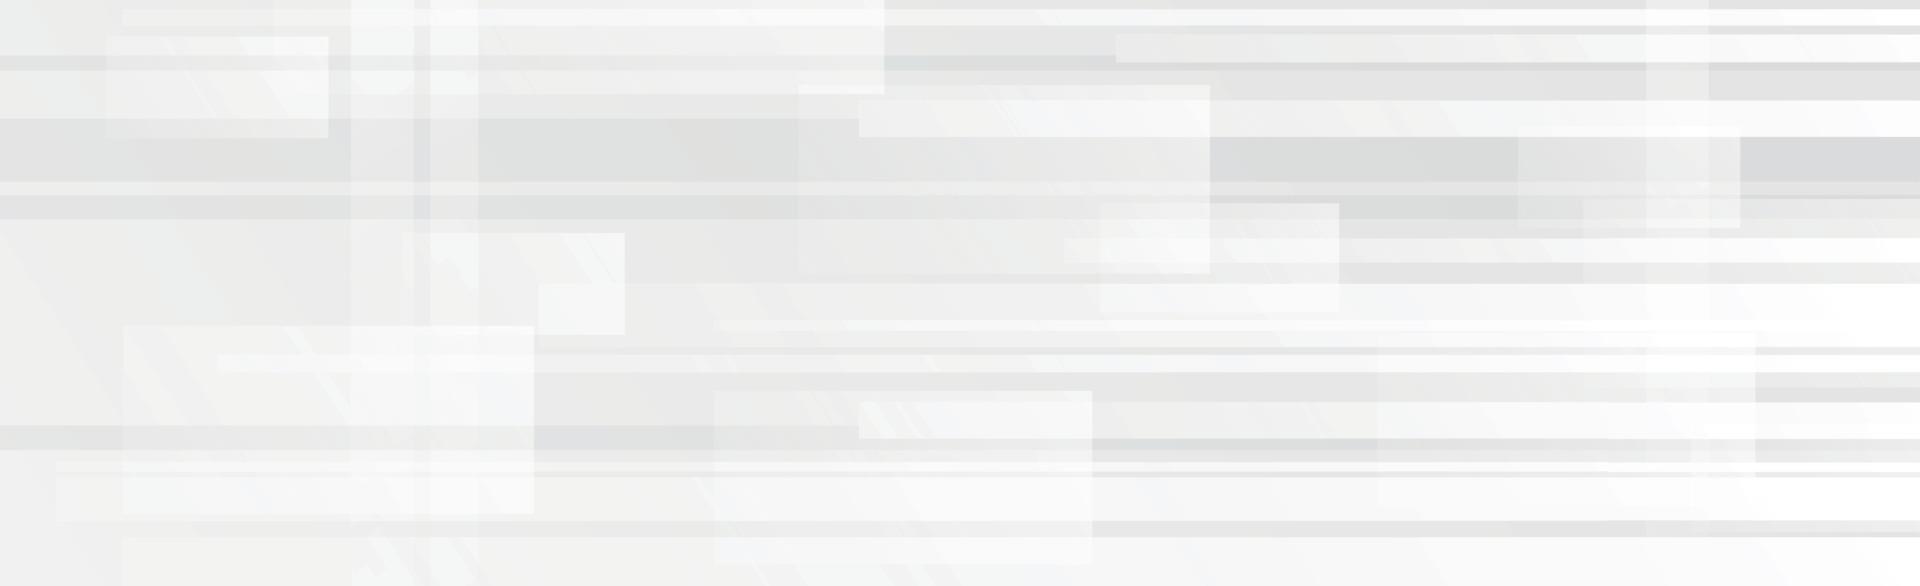 sfondo panoramico vettoriale bianco con linee e caselle